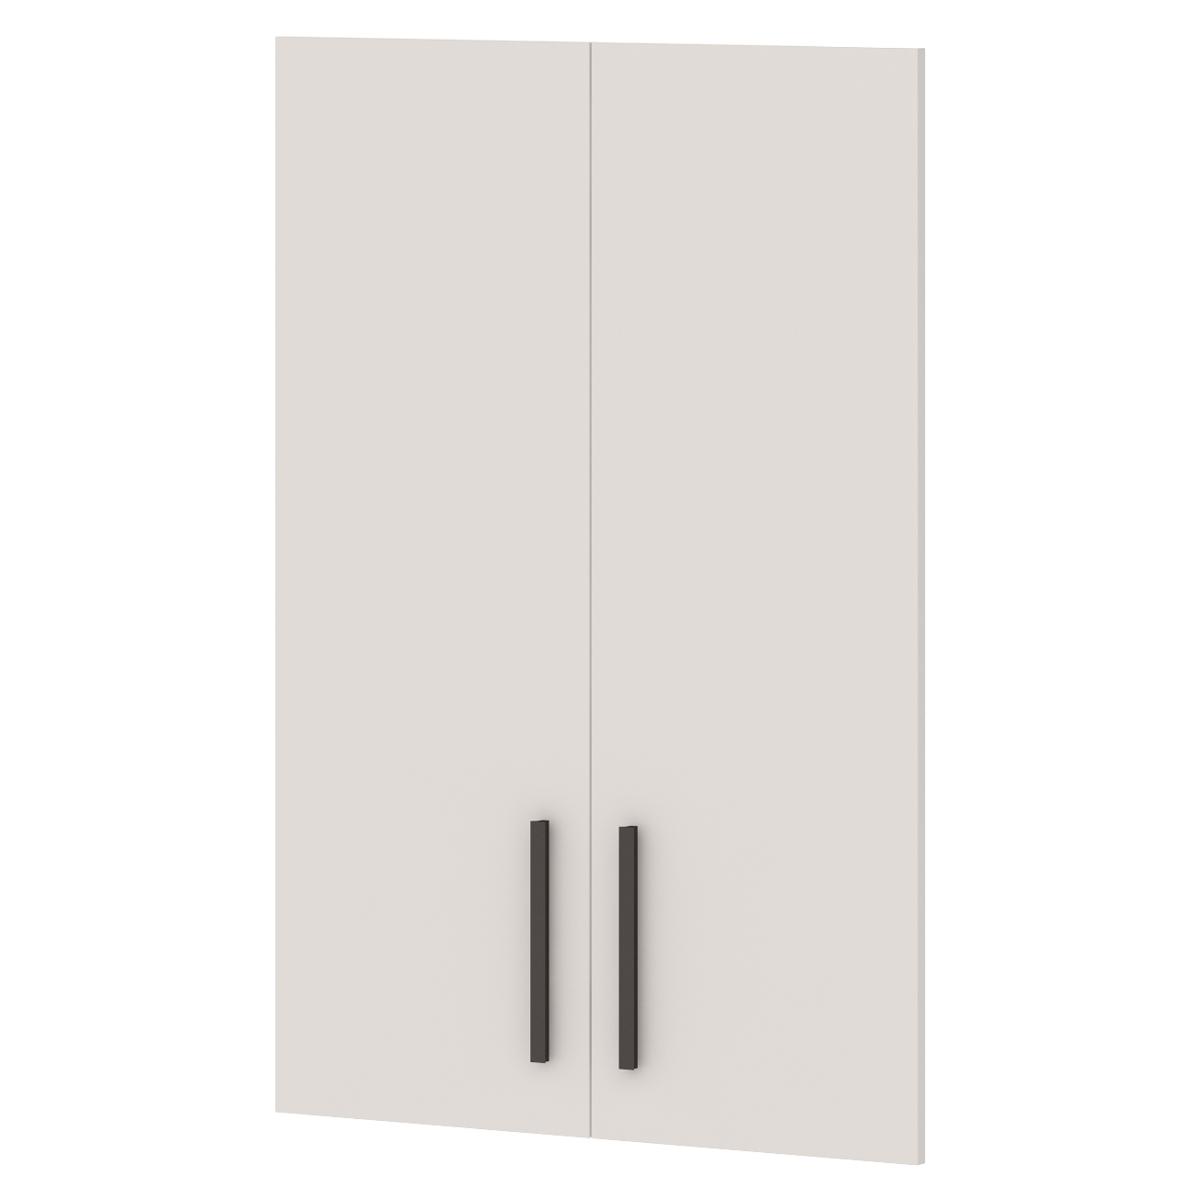 Двери ЛДСП средние T-020 Lavana